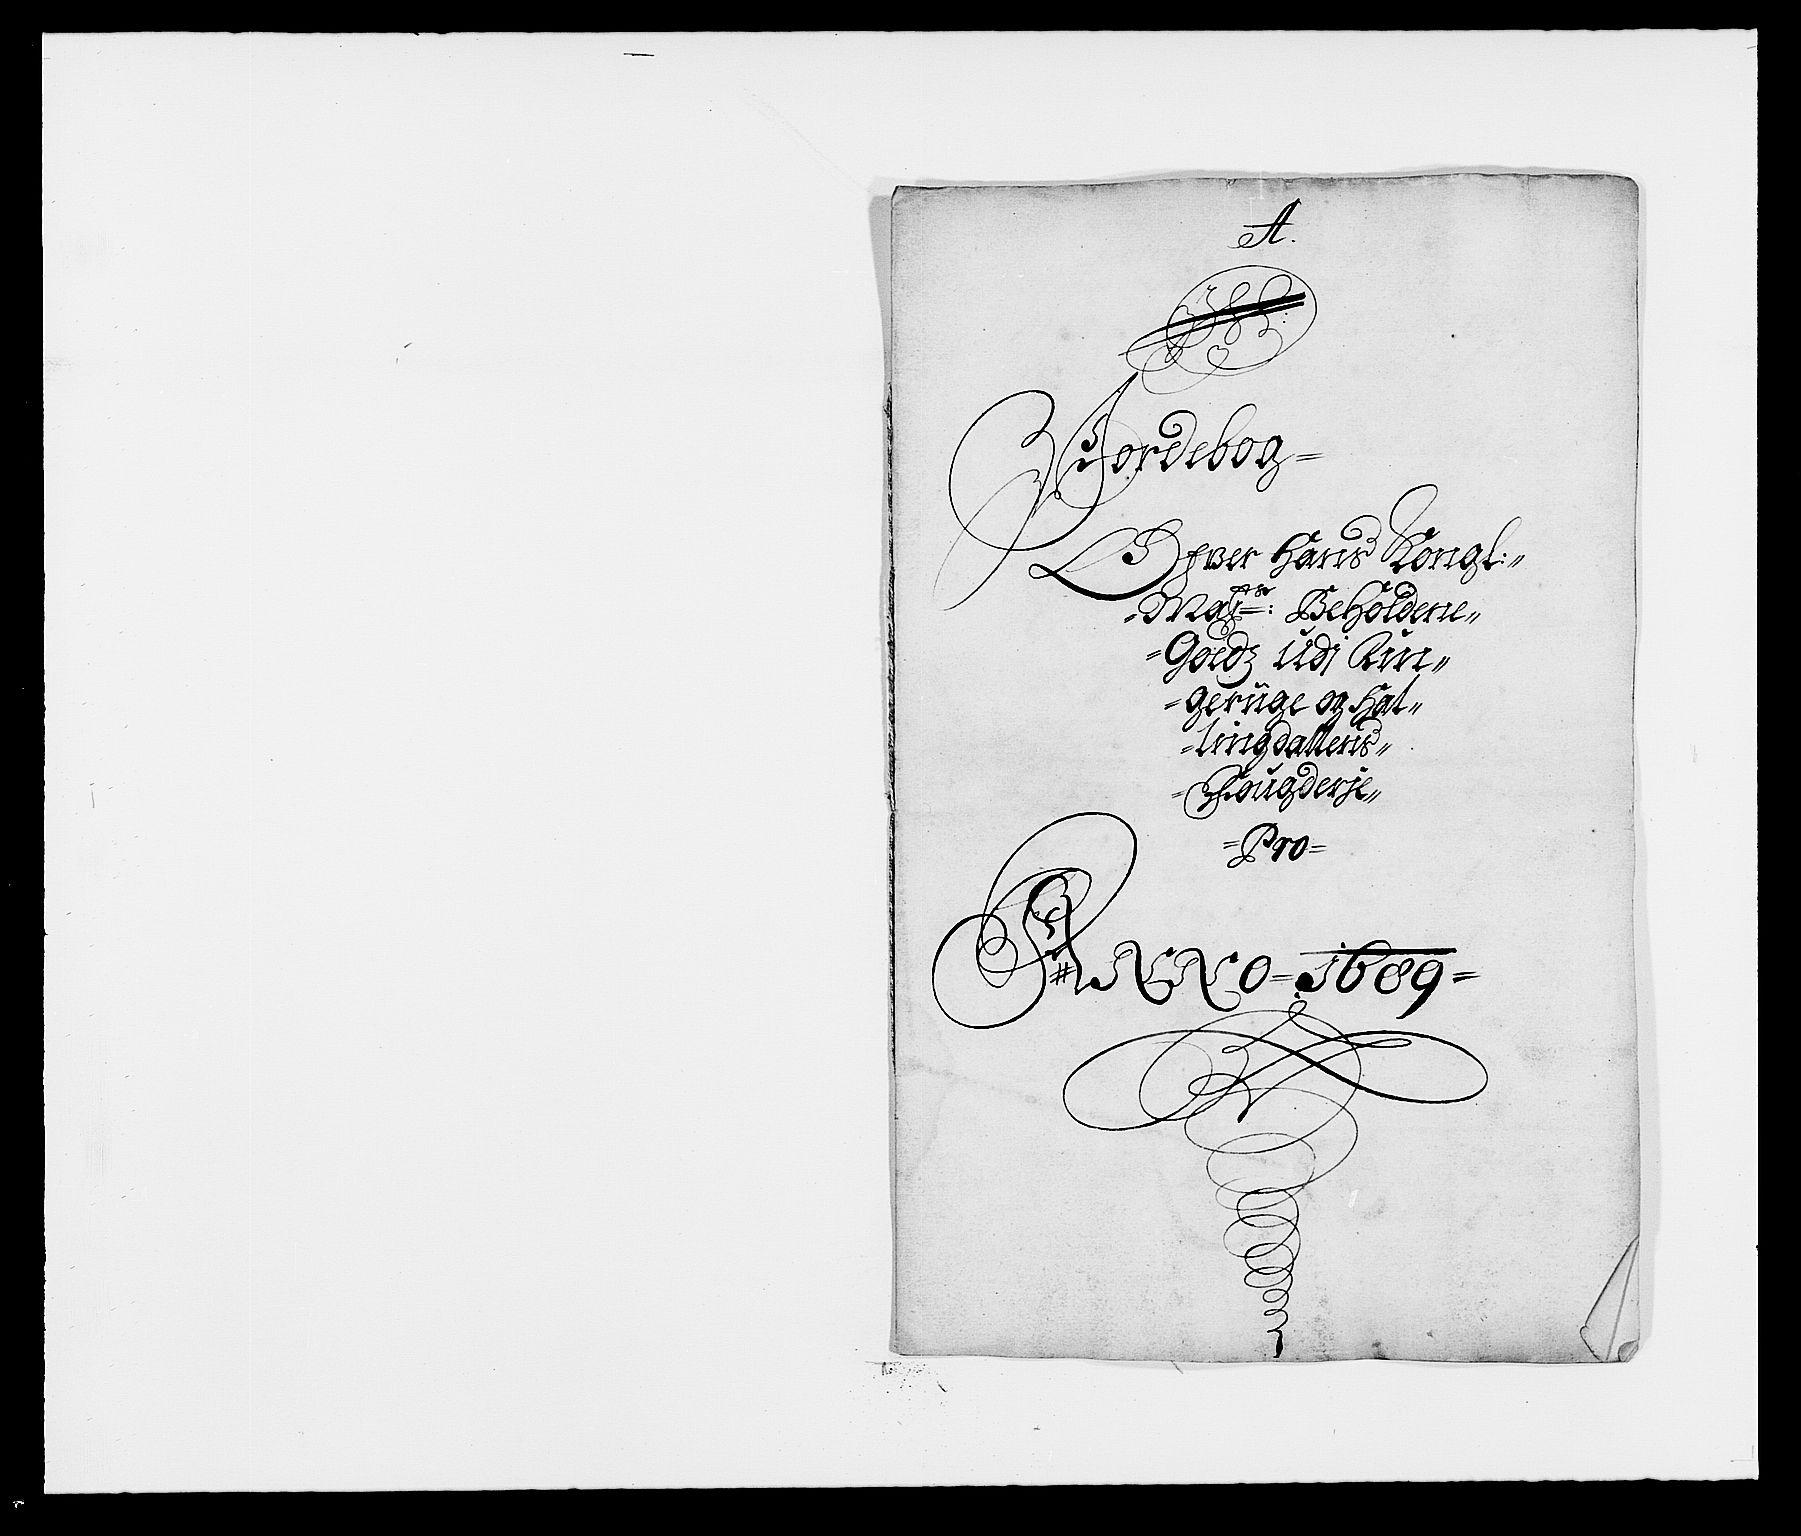 RA, Rentekammeret inntil 1814, Reviderte regnskaper, Fogderegnskap, R21/L1447: Fogderegnskap Ringerike og Hallingdal, 1687-1689, s. 268